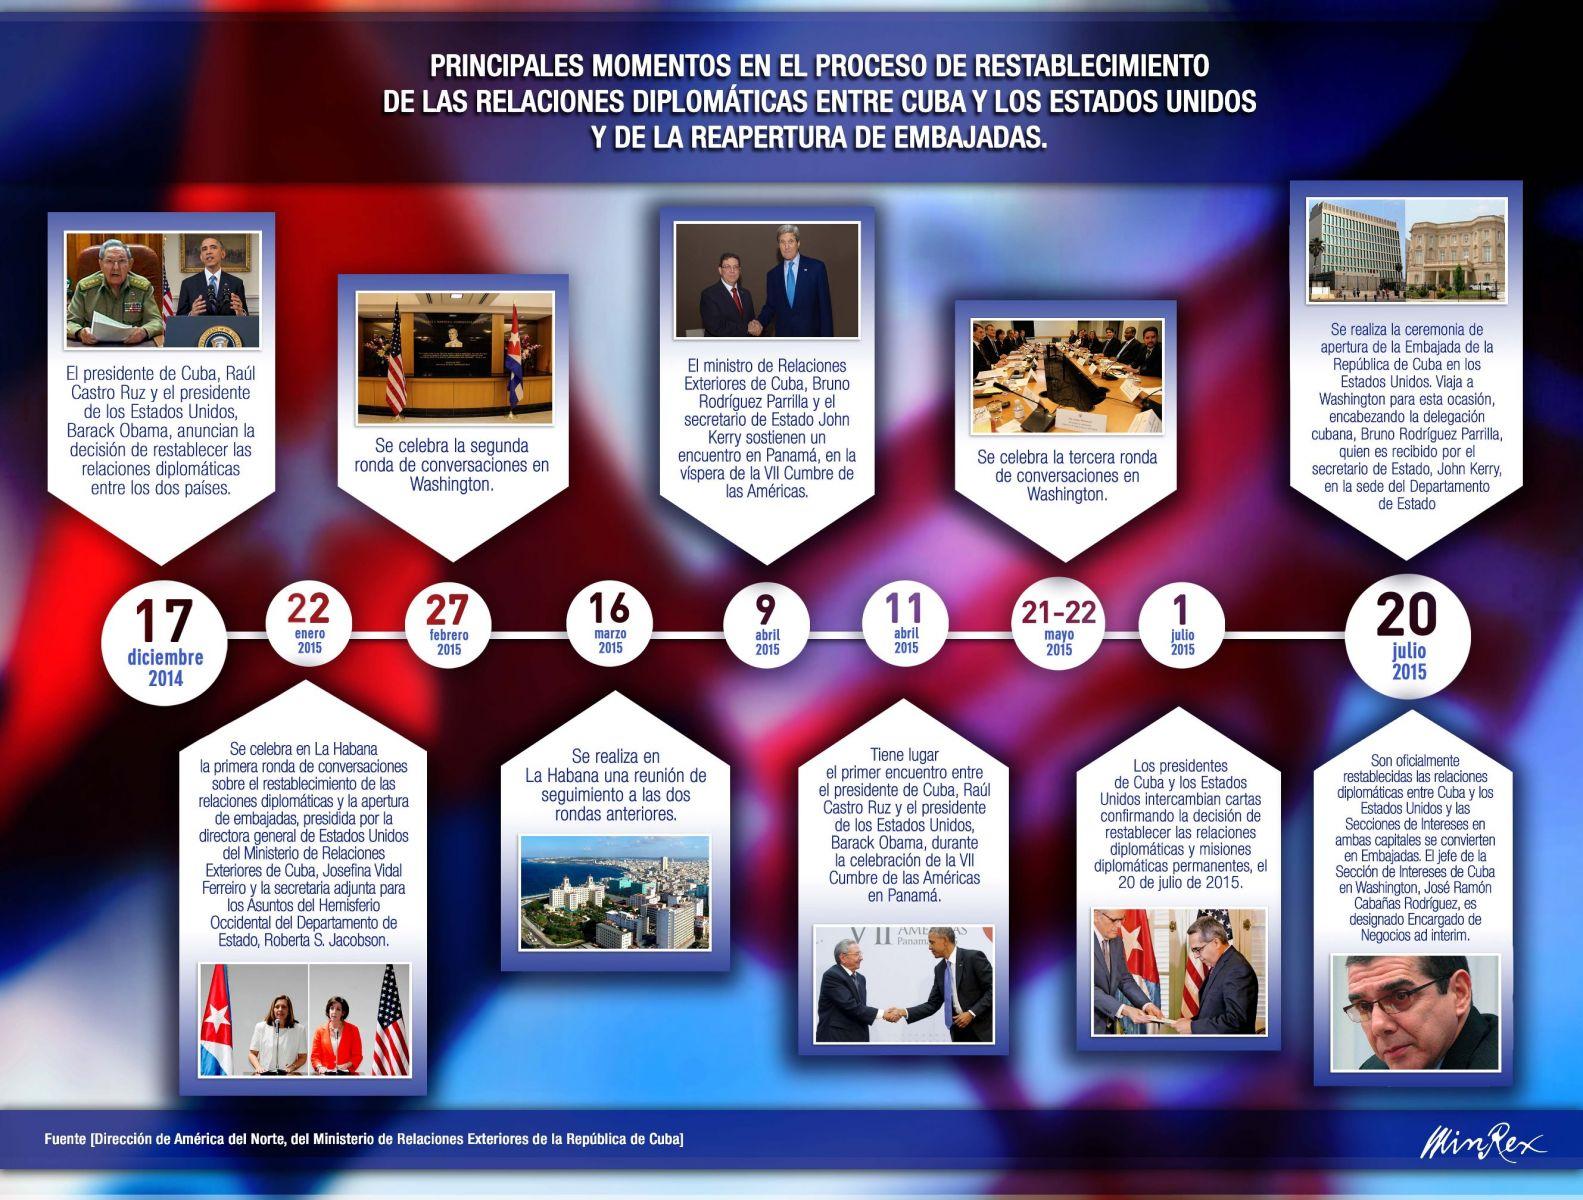 Cronología: Cuba - Estados Unidos a partir del 17D